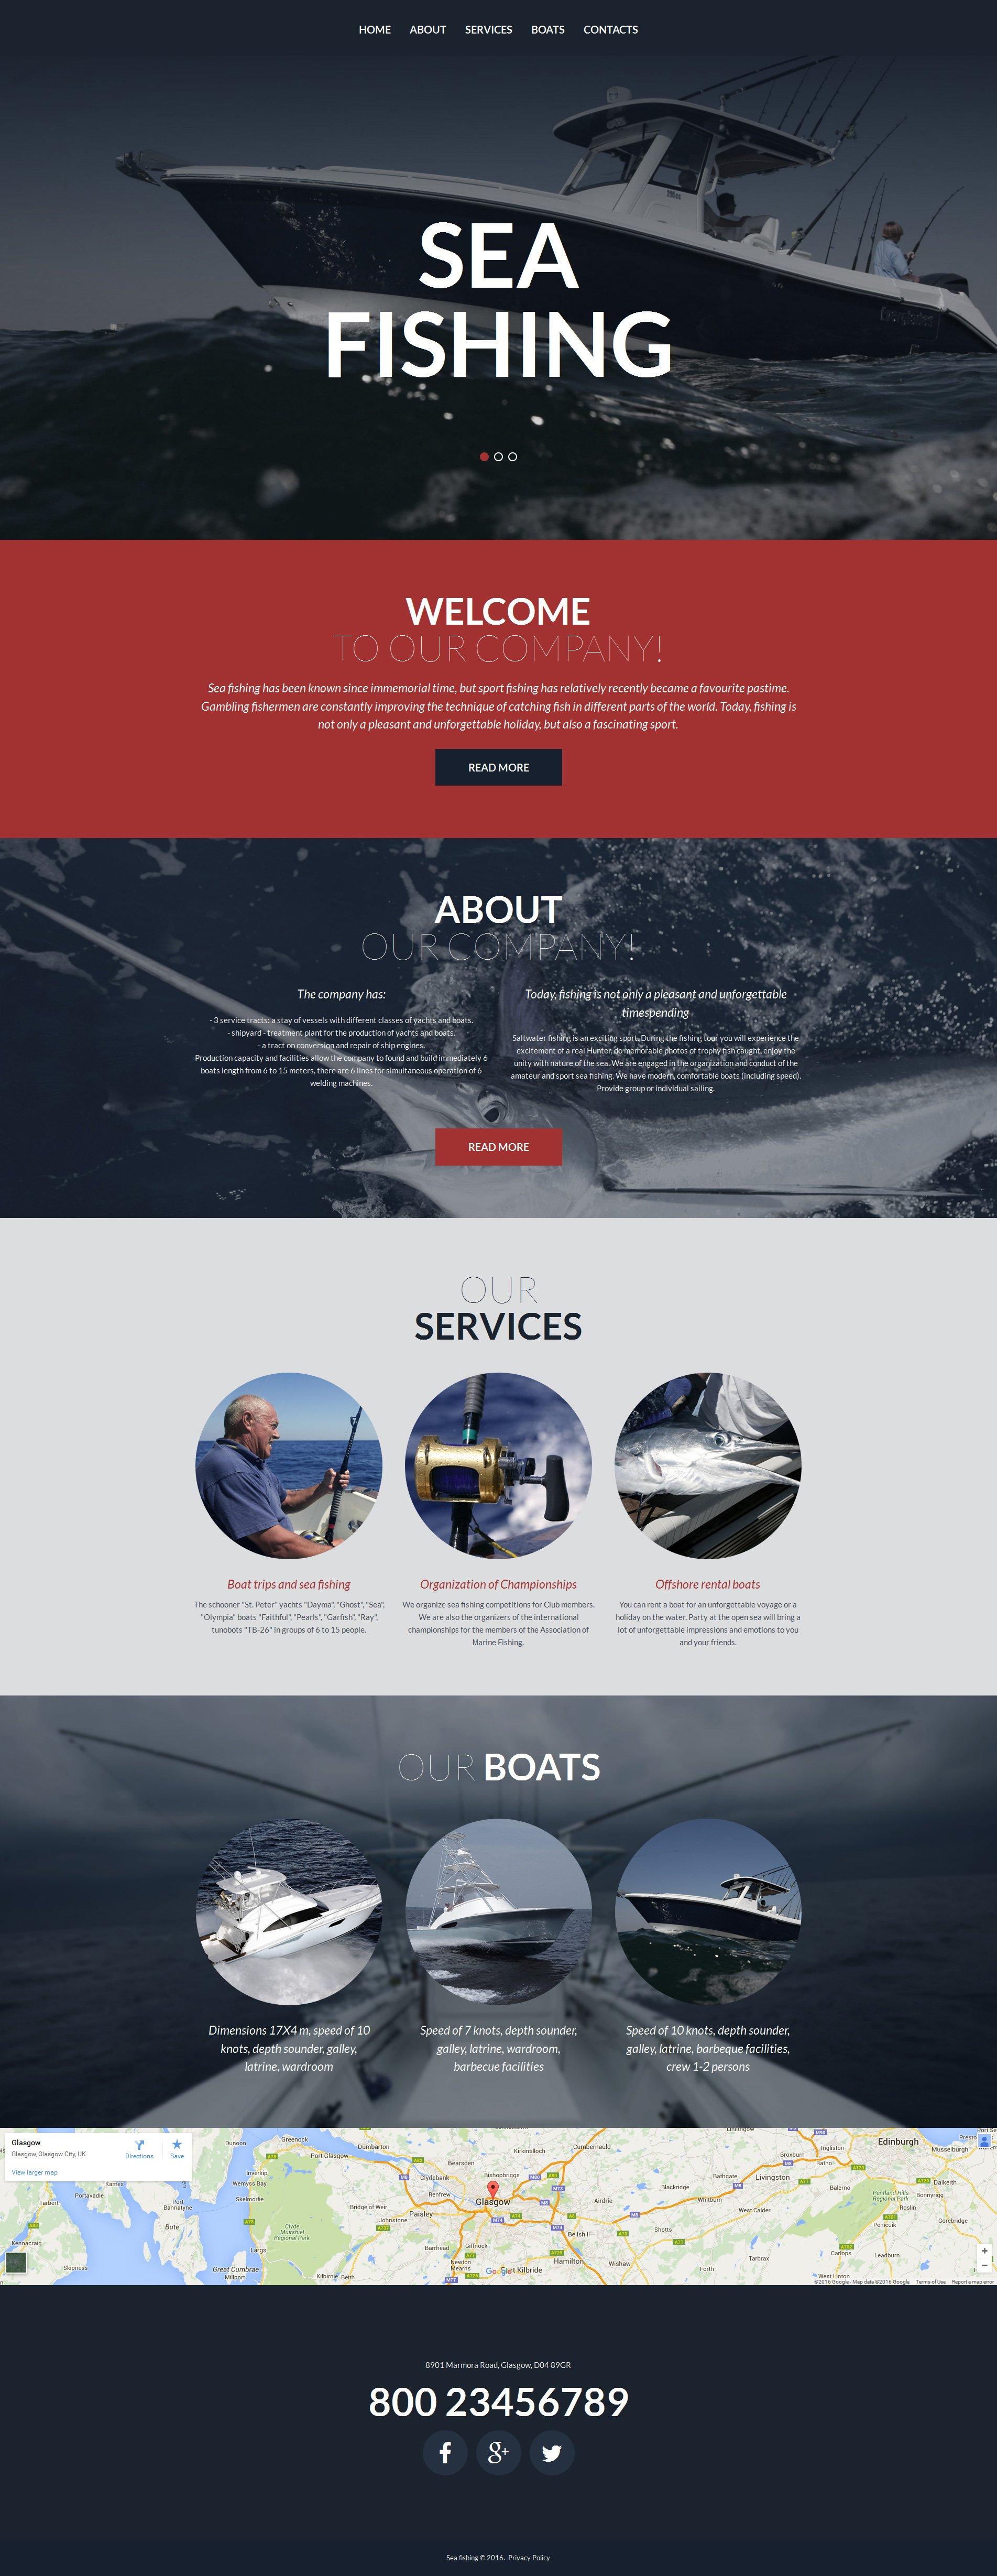 Responsive Balıkçılık Moto Cms 3 #58427 - Ekran resmi